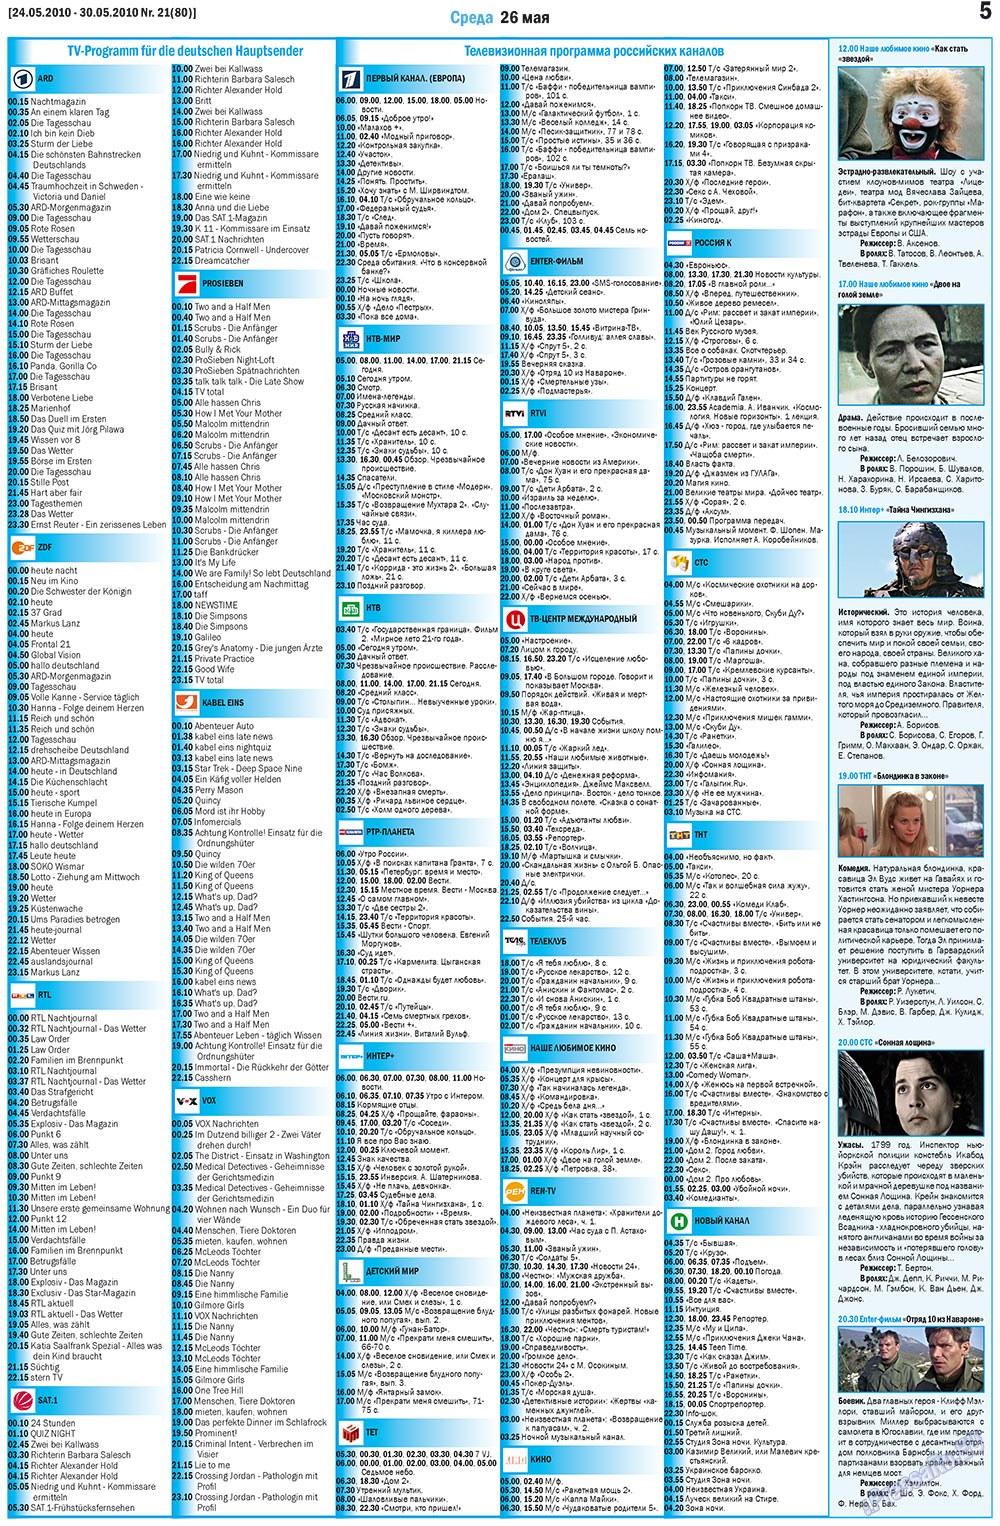 MIX-Markt Zeitung (газета). 2010 год, номер 21, стр. 5